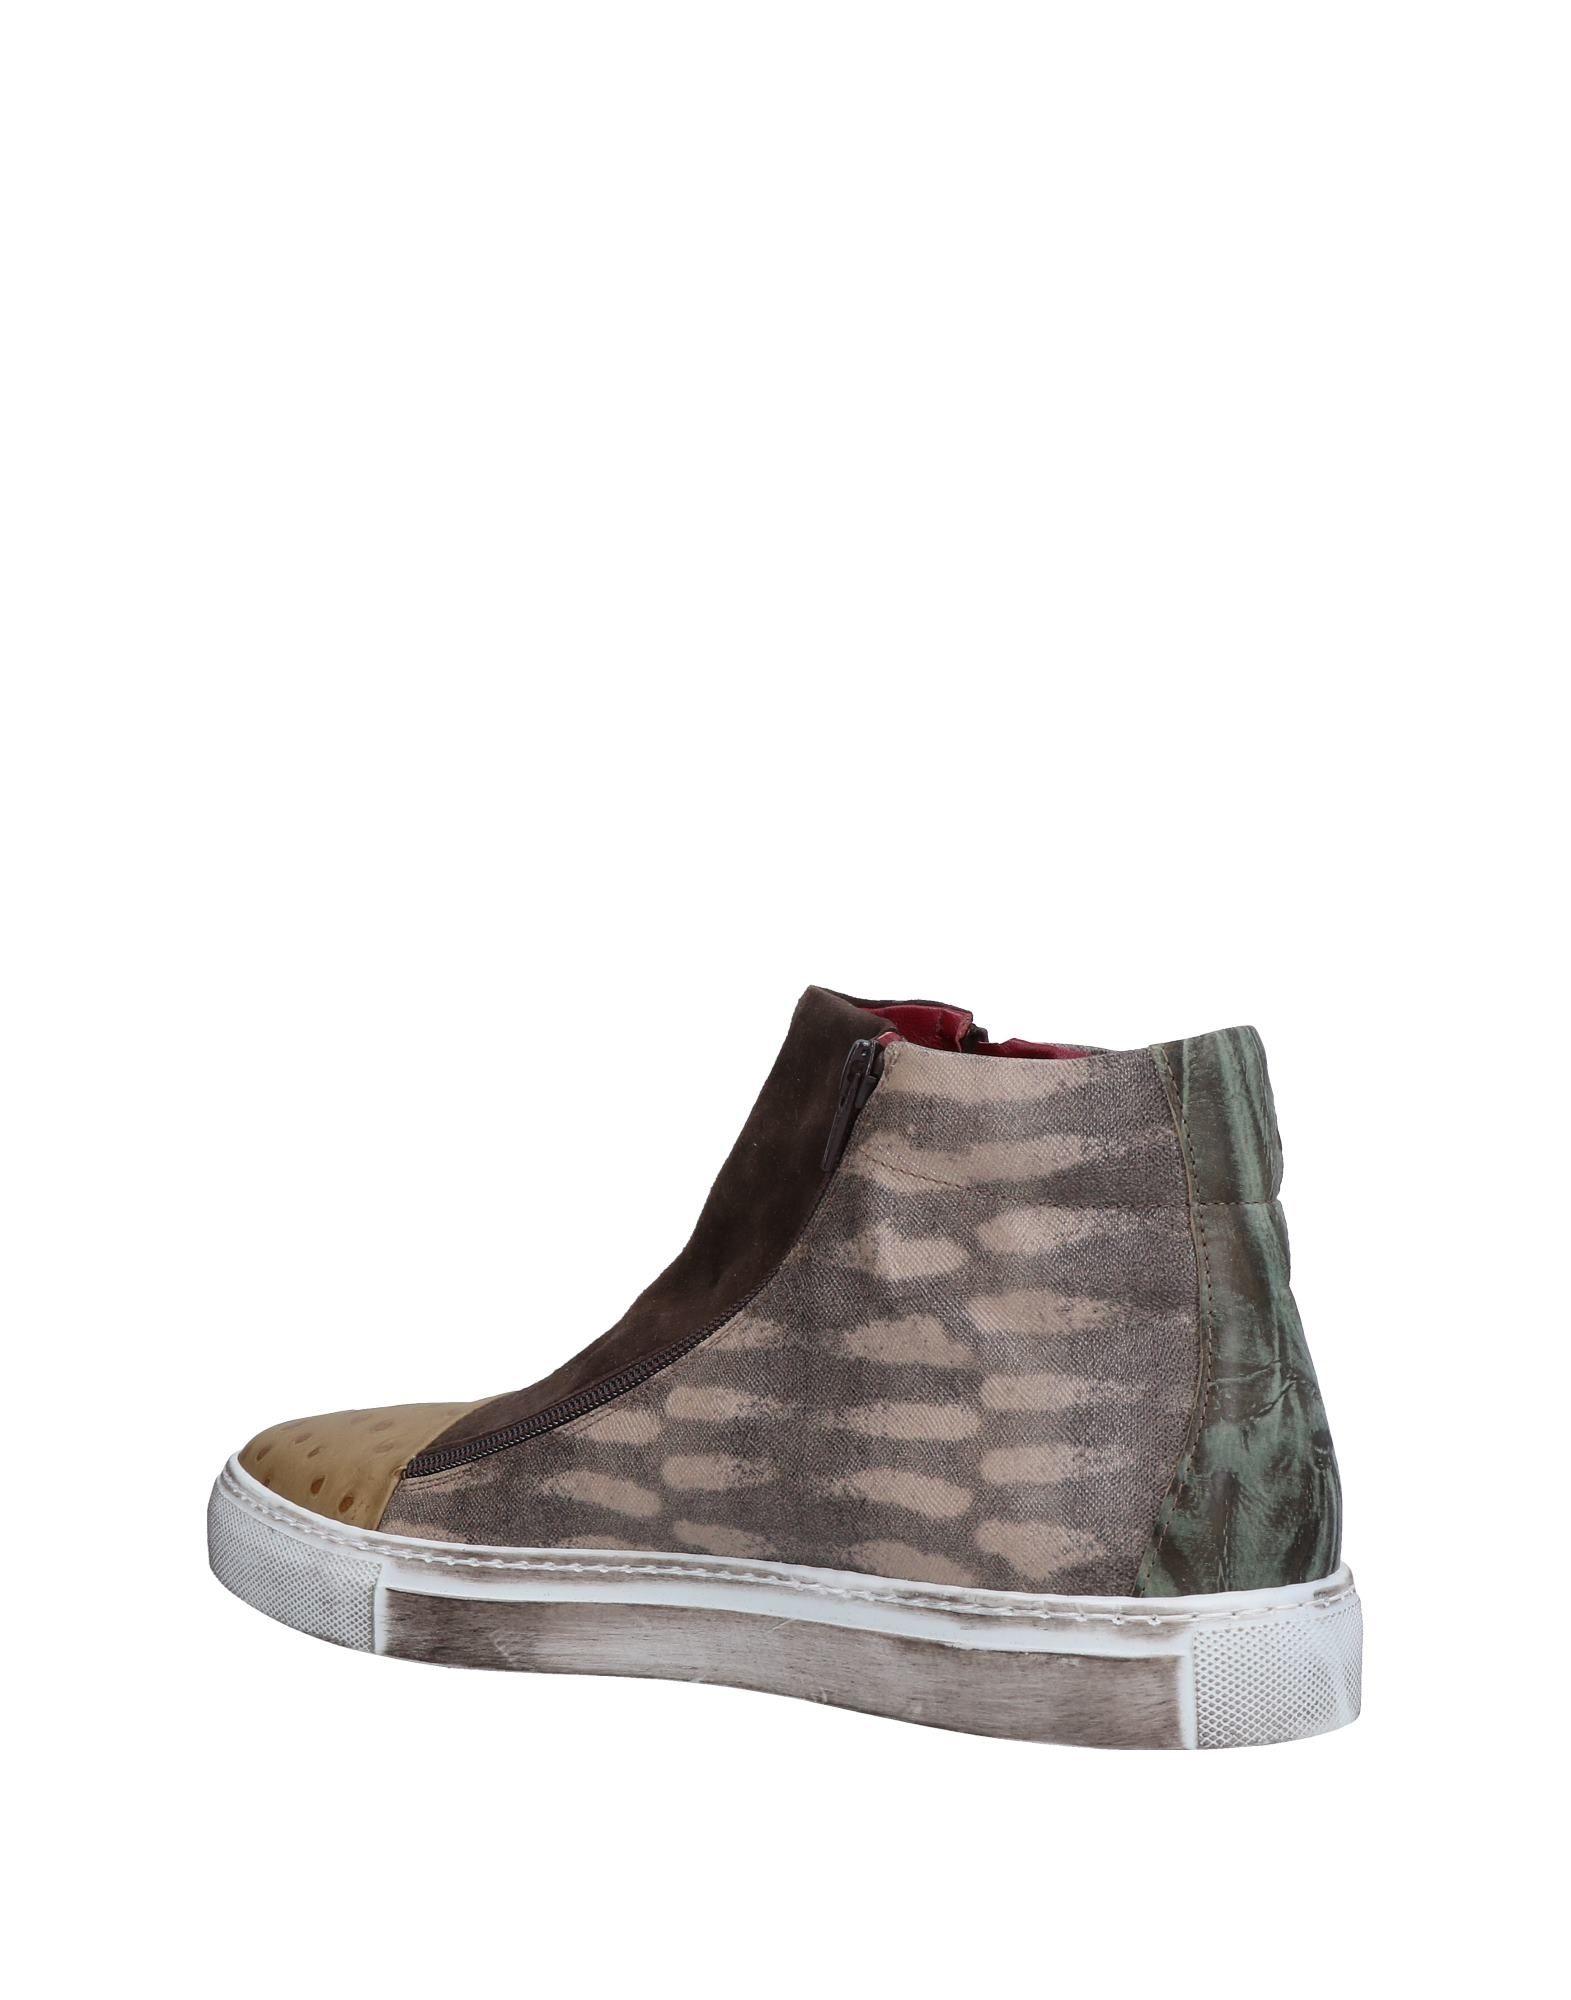 Rabatt echte Schuhe Herren Ebarrito Sneakers Herren Schuhe  11521248AL 940488